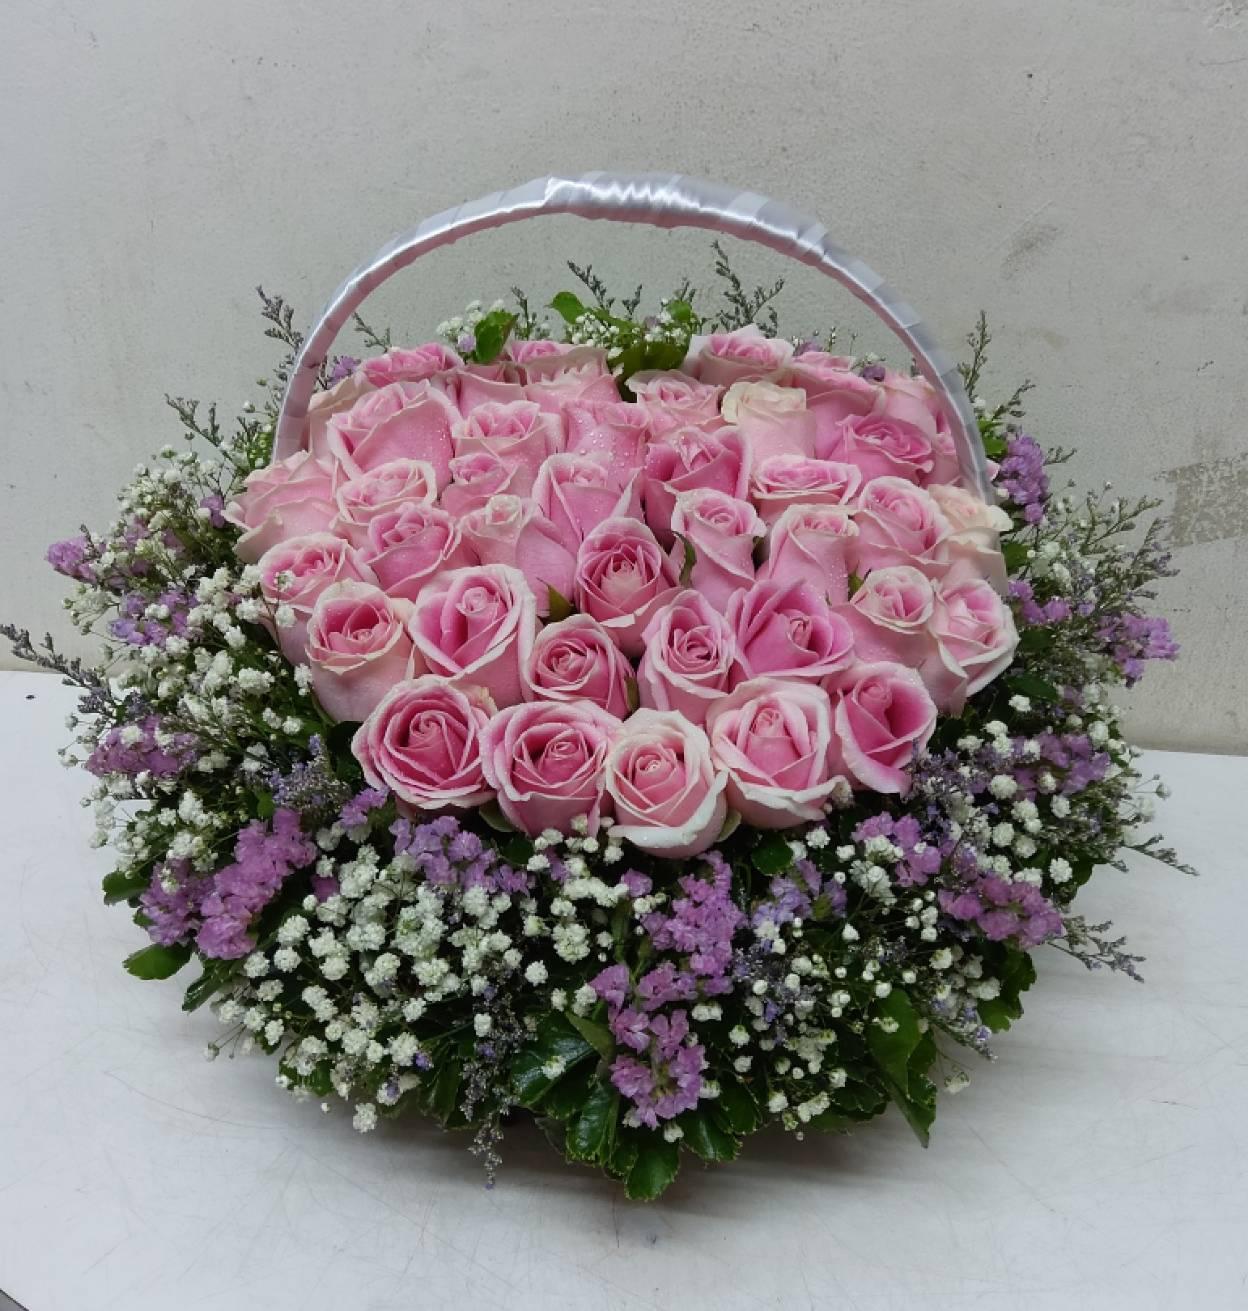 กระเช้าดอกกุหลาบสีชมพูสุดหวาน สร้างความสุขและรอยยิ้มให้ผู้รับได้ดีค่ะ